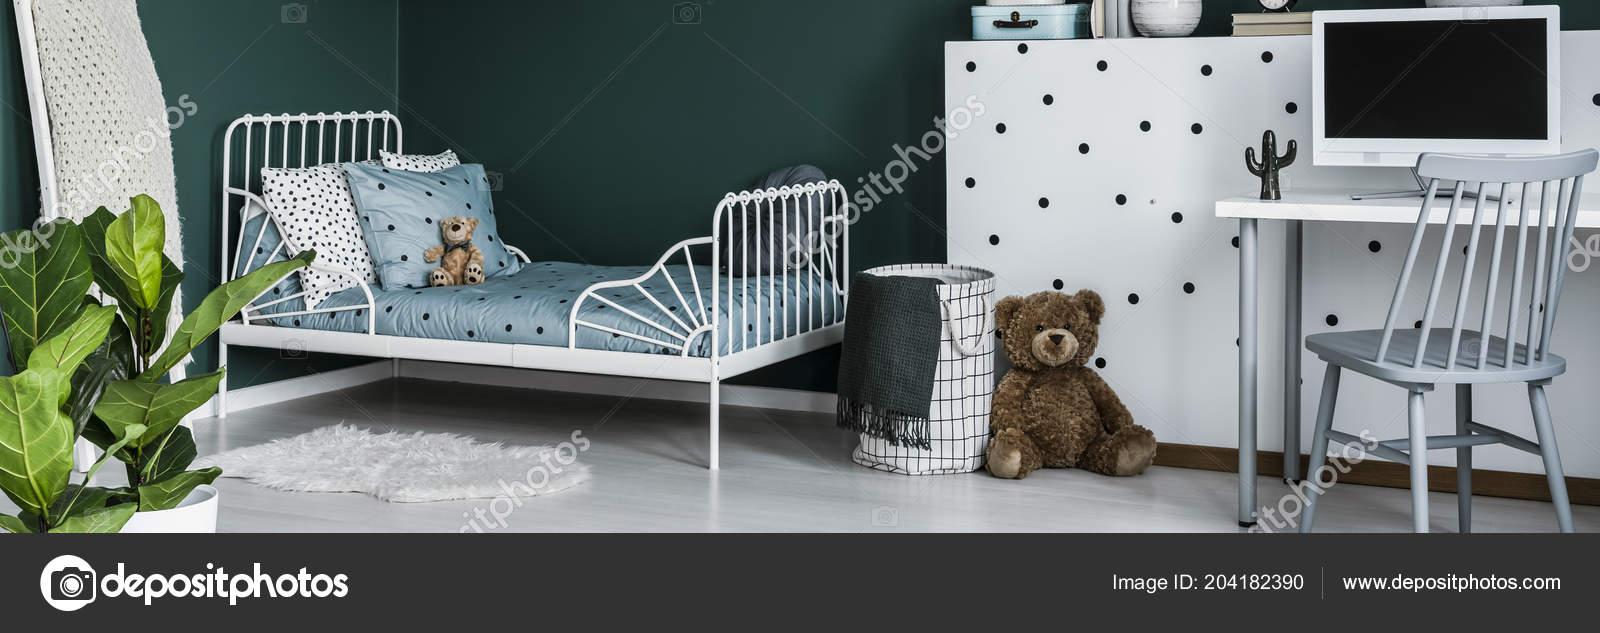 Green Kids Bedroom Interior Metal Bed Computer Desk Teddy Bear Stock Photo C Photographee Eu 204182390